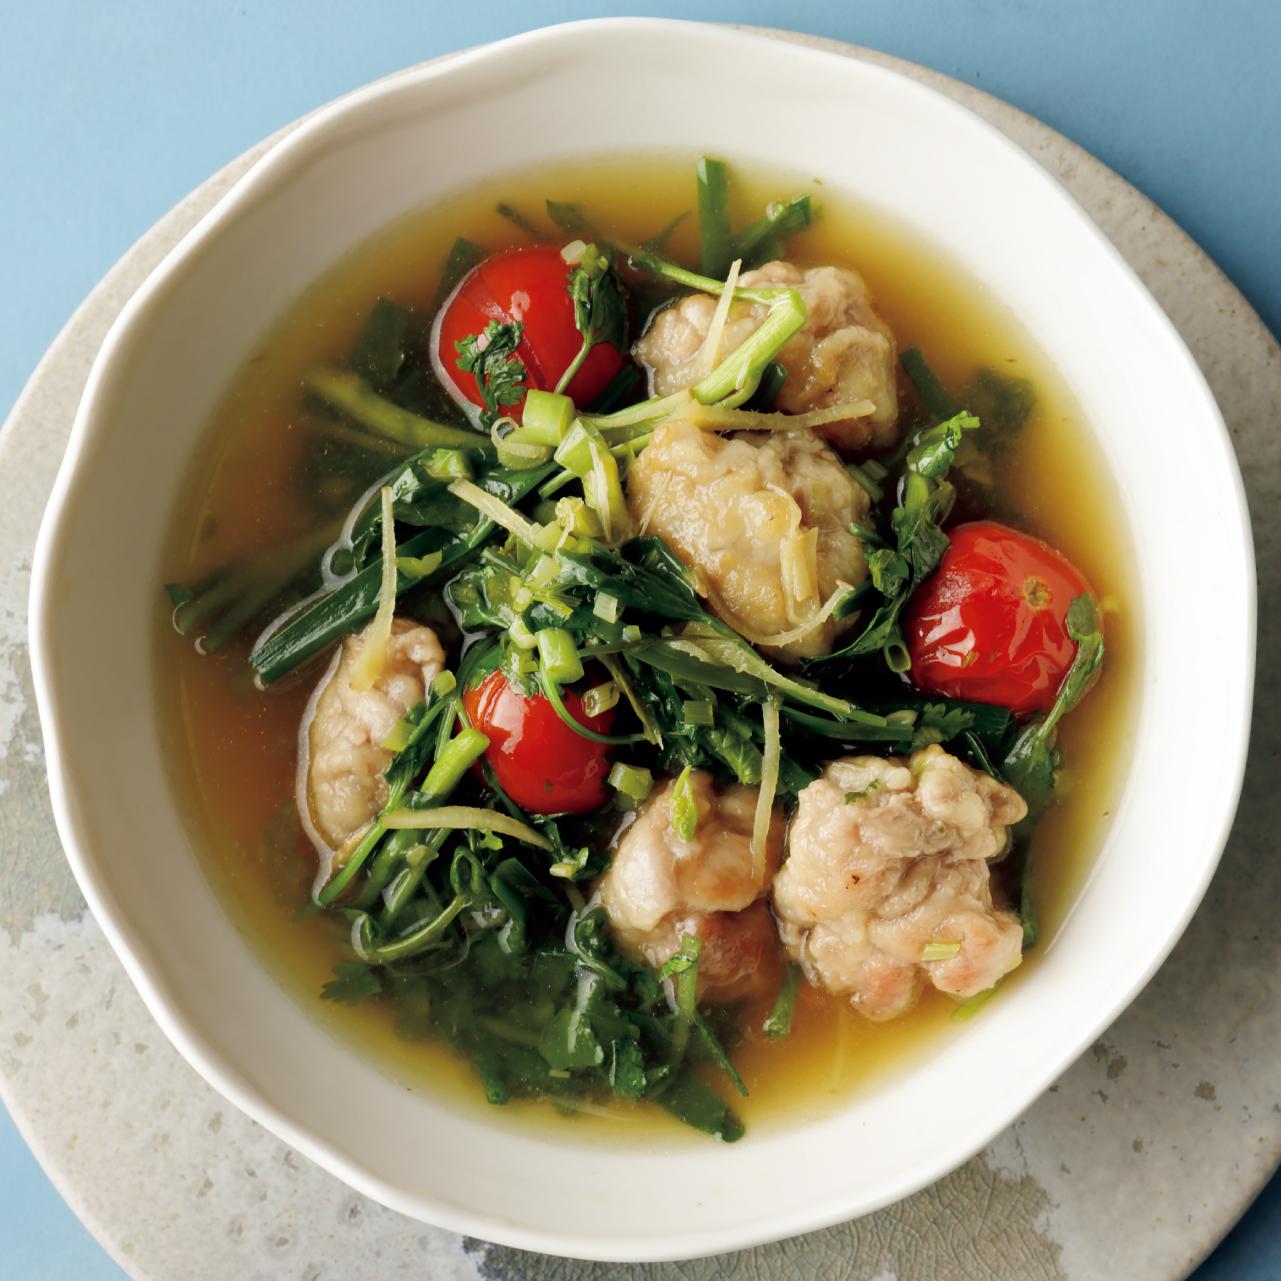 豚肉団子入り野菜スープ